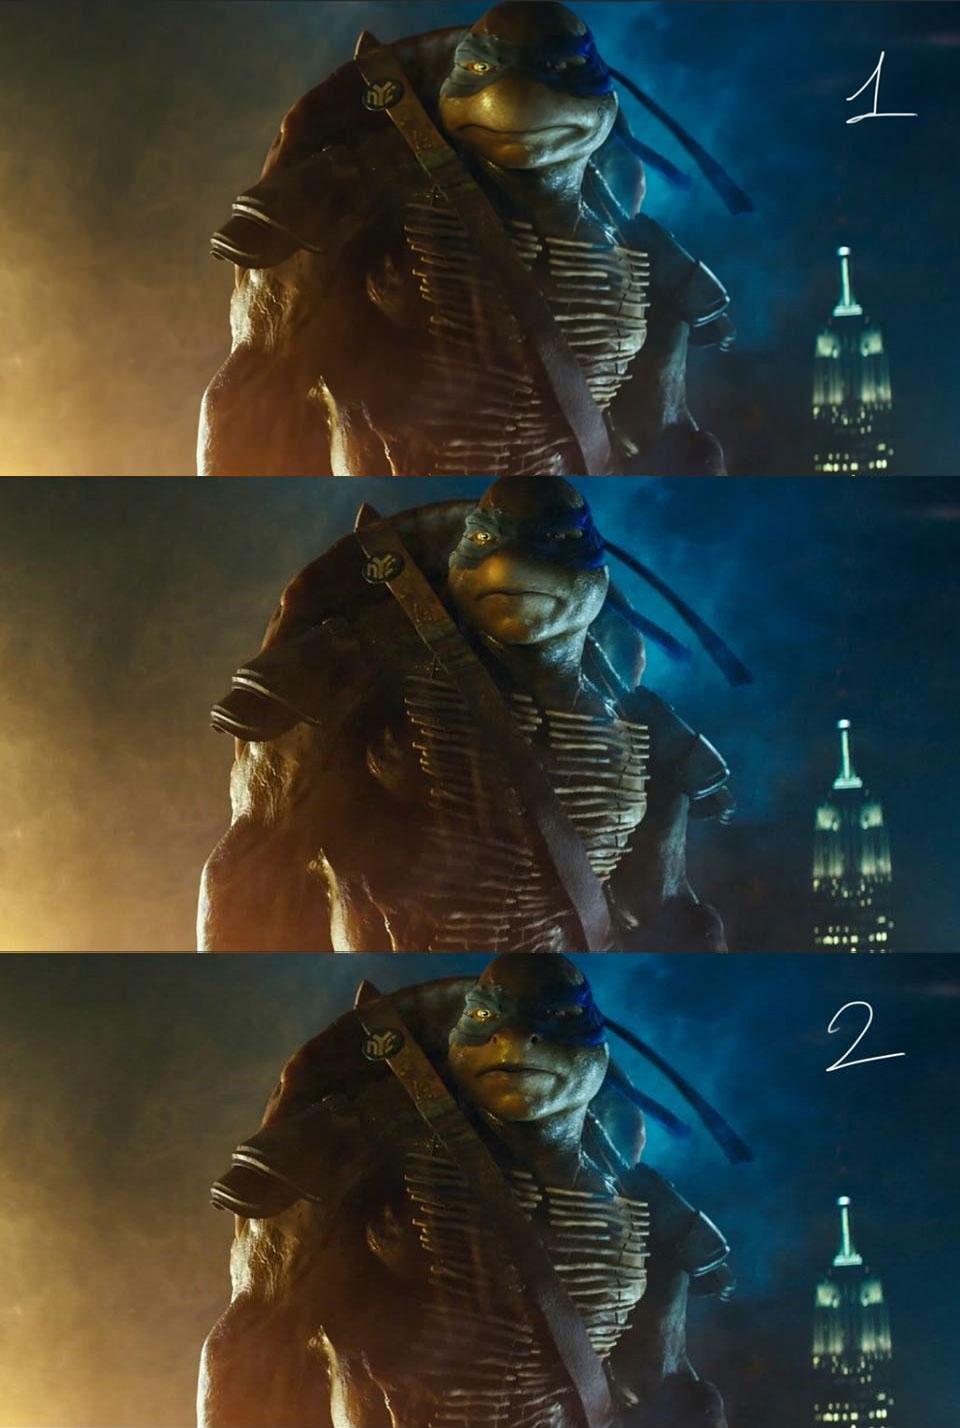 Teenage-Mutant-Ninja-Turtles-photoshop-2